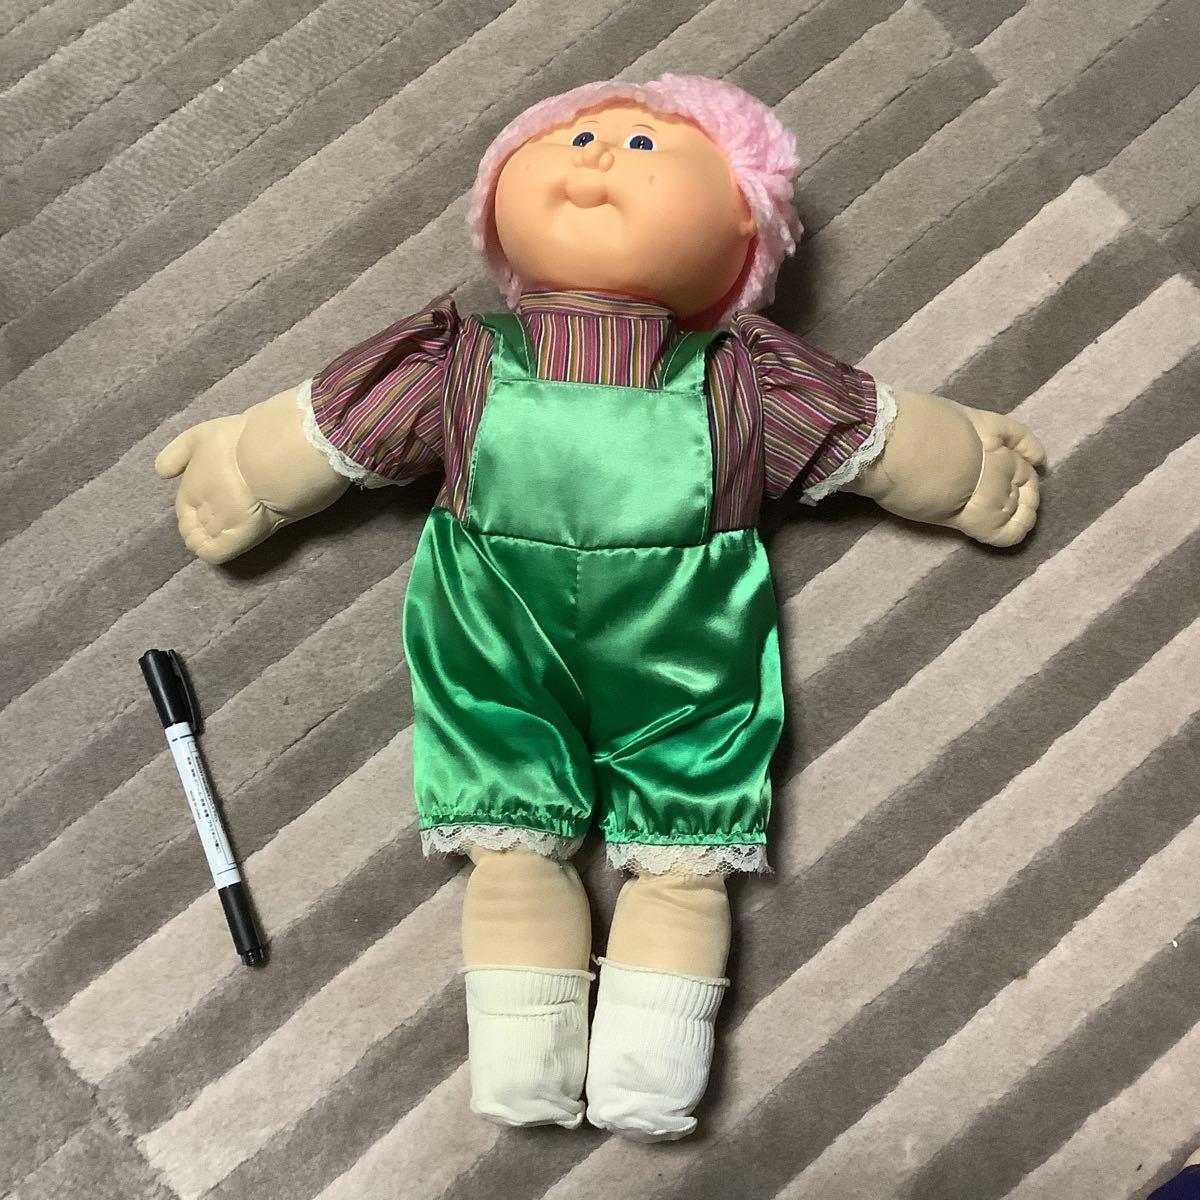 レア キャベツ人形 キャベツ畑人形 キャベッジパッチキッズ フィギュア ビンテージ アンティーク 着せ替え人形 ぬいぐるみ レトロ doll